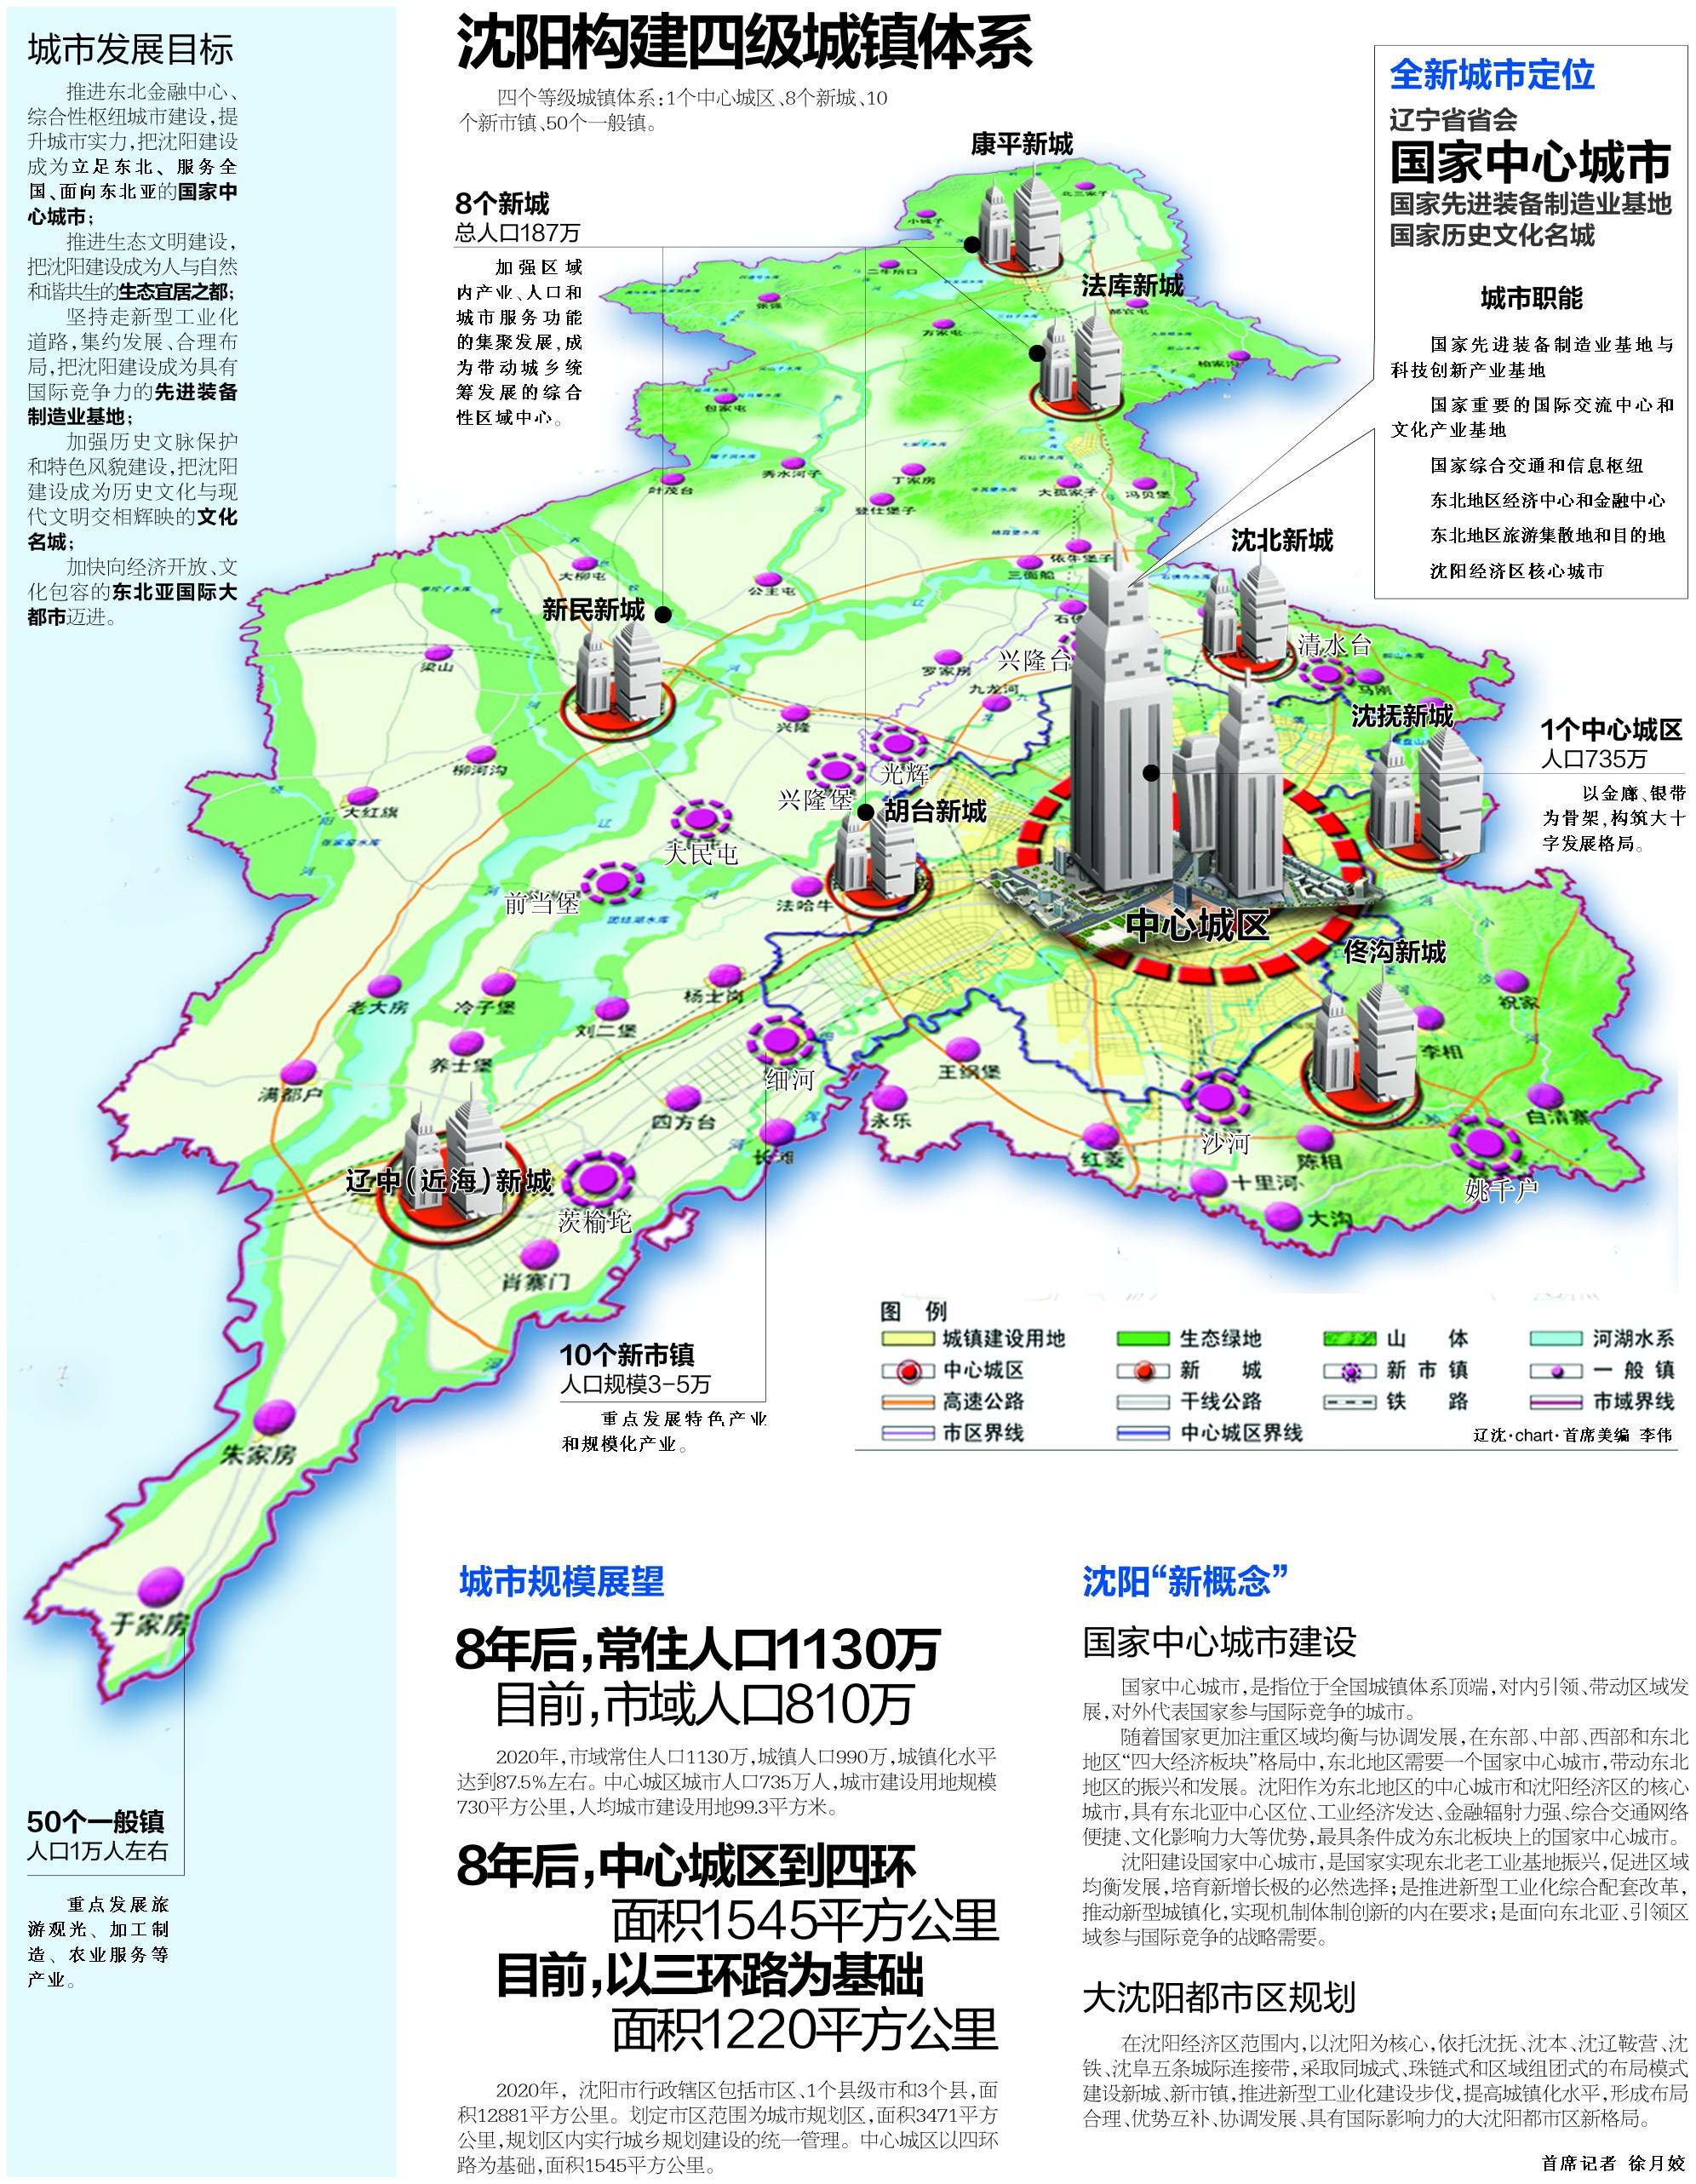 沈阳最新地图全图